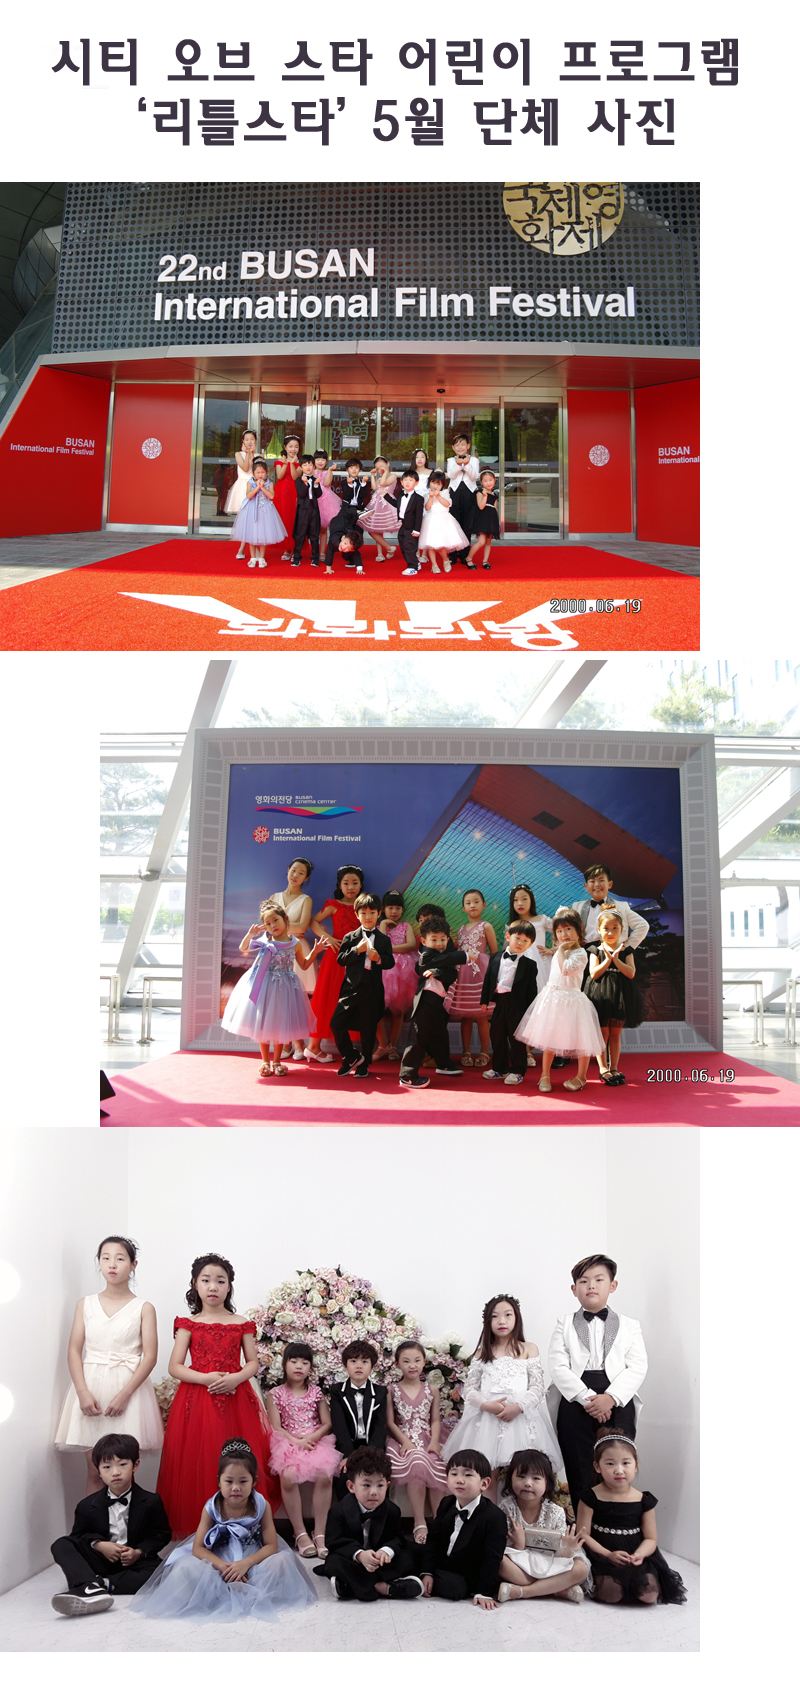 시티 오브 스타 어린이 프로그램 '리틀스타' 5월 촬영 단체 사진